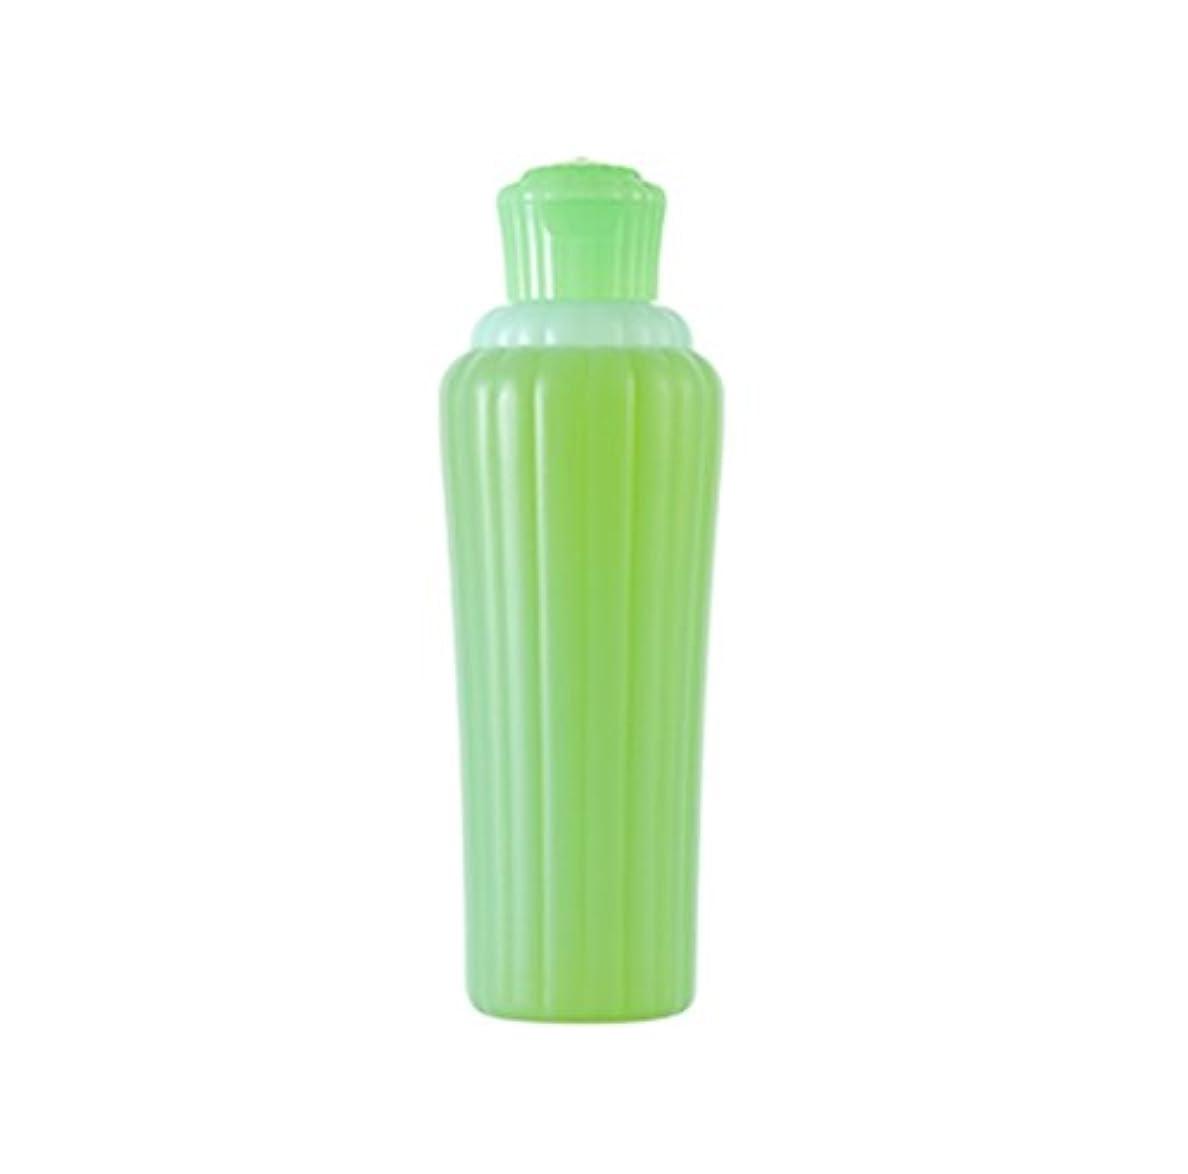 ボトルネック姿勢組み合わせるアユーラ (AYURA) メディテーション ヘアクレンズ 300mL 〈シャンプー〉 アロマティックハーブの香り